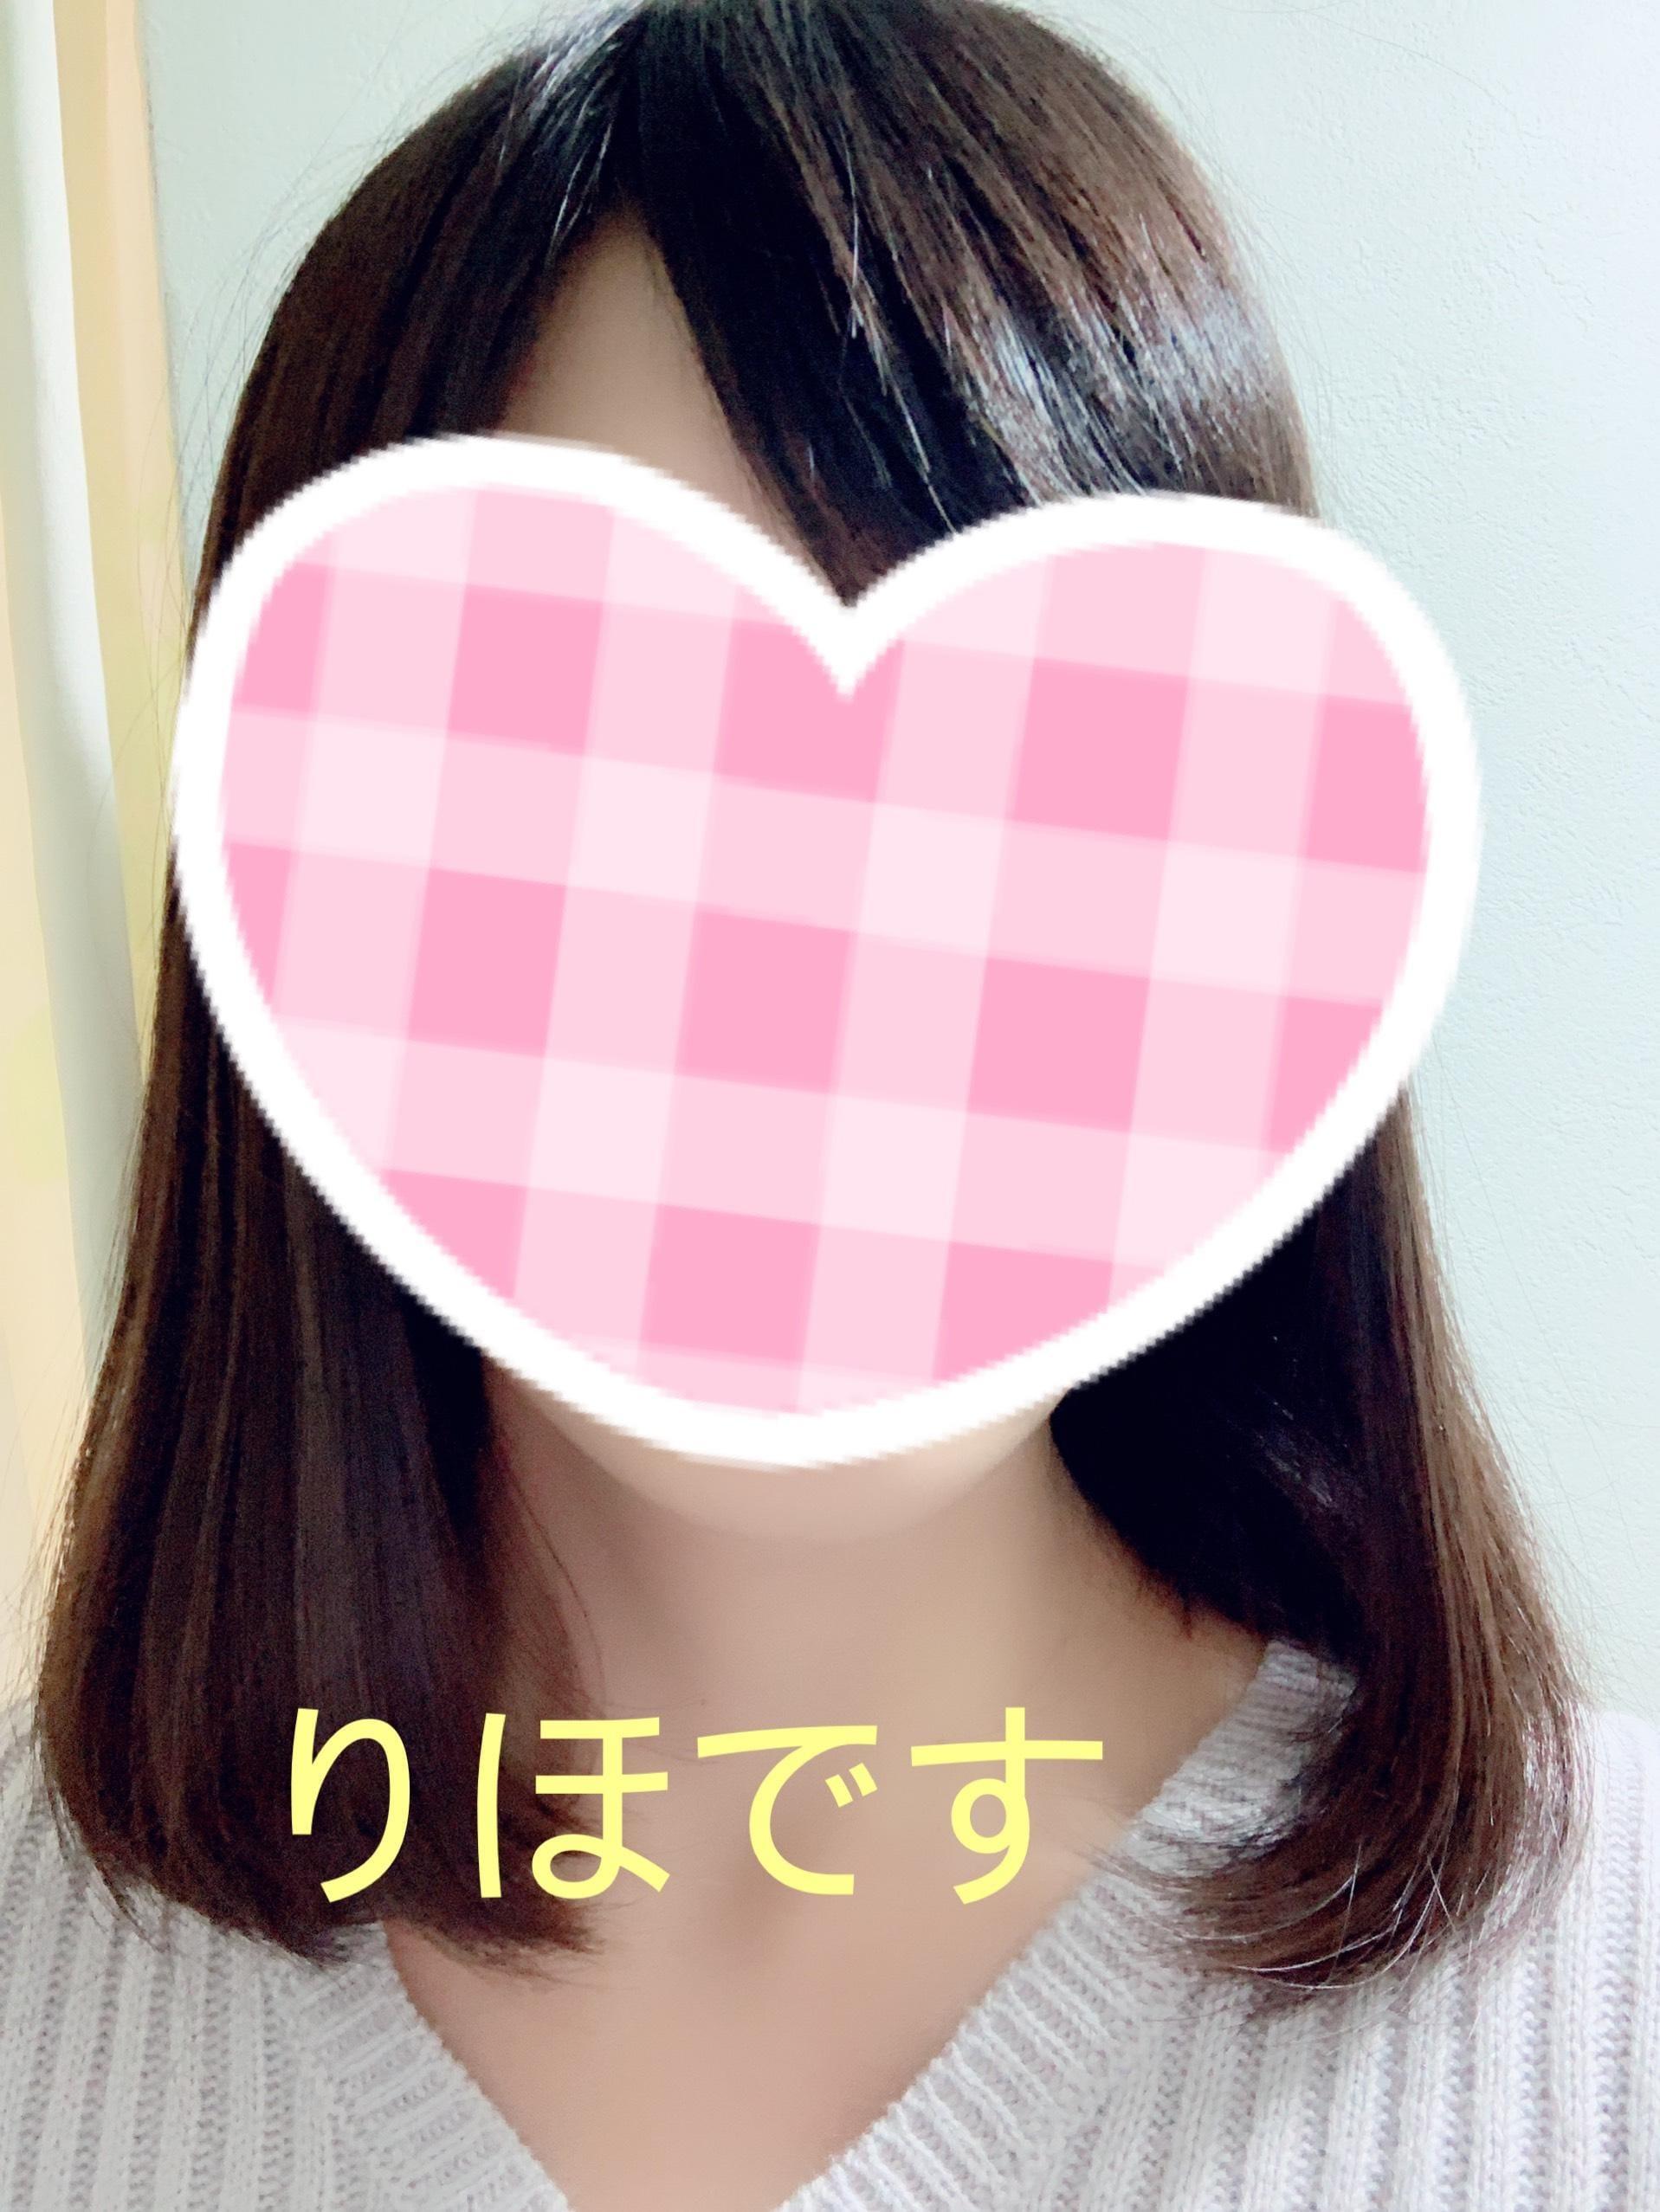 「りほです♪」01/23(水) 16:05   りほちゃんの写メ・風俗動画